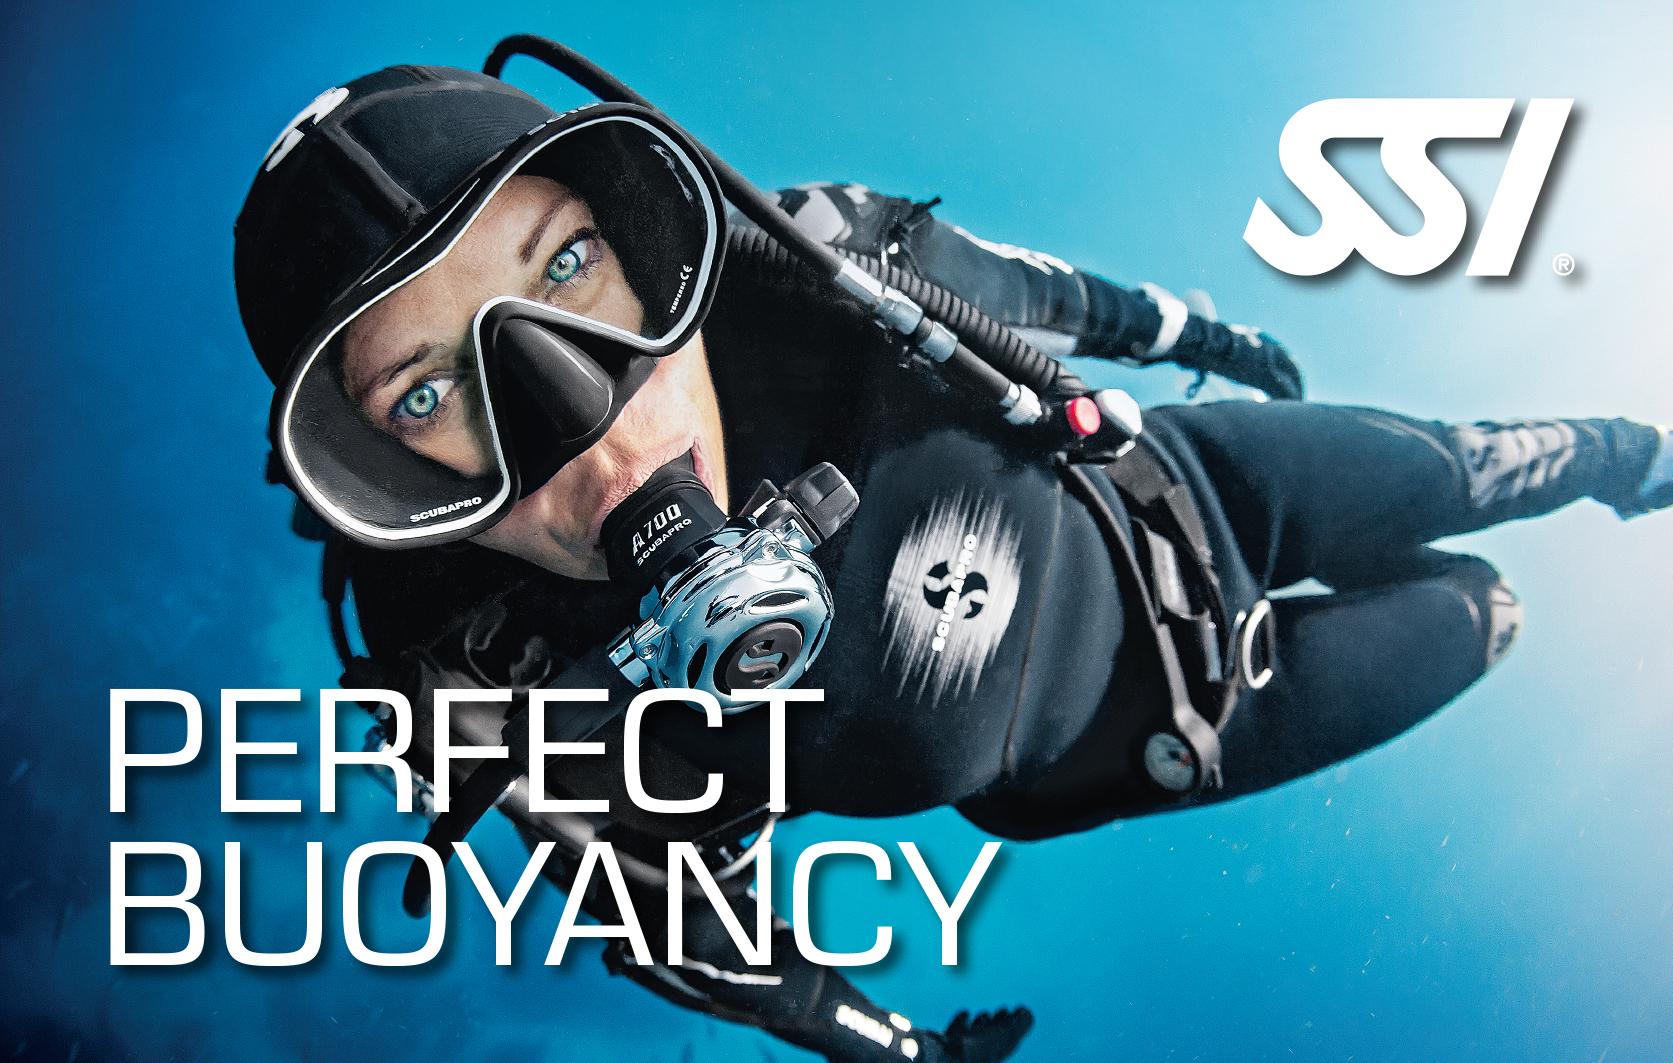 curso abramar ssi perfect buoyancy